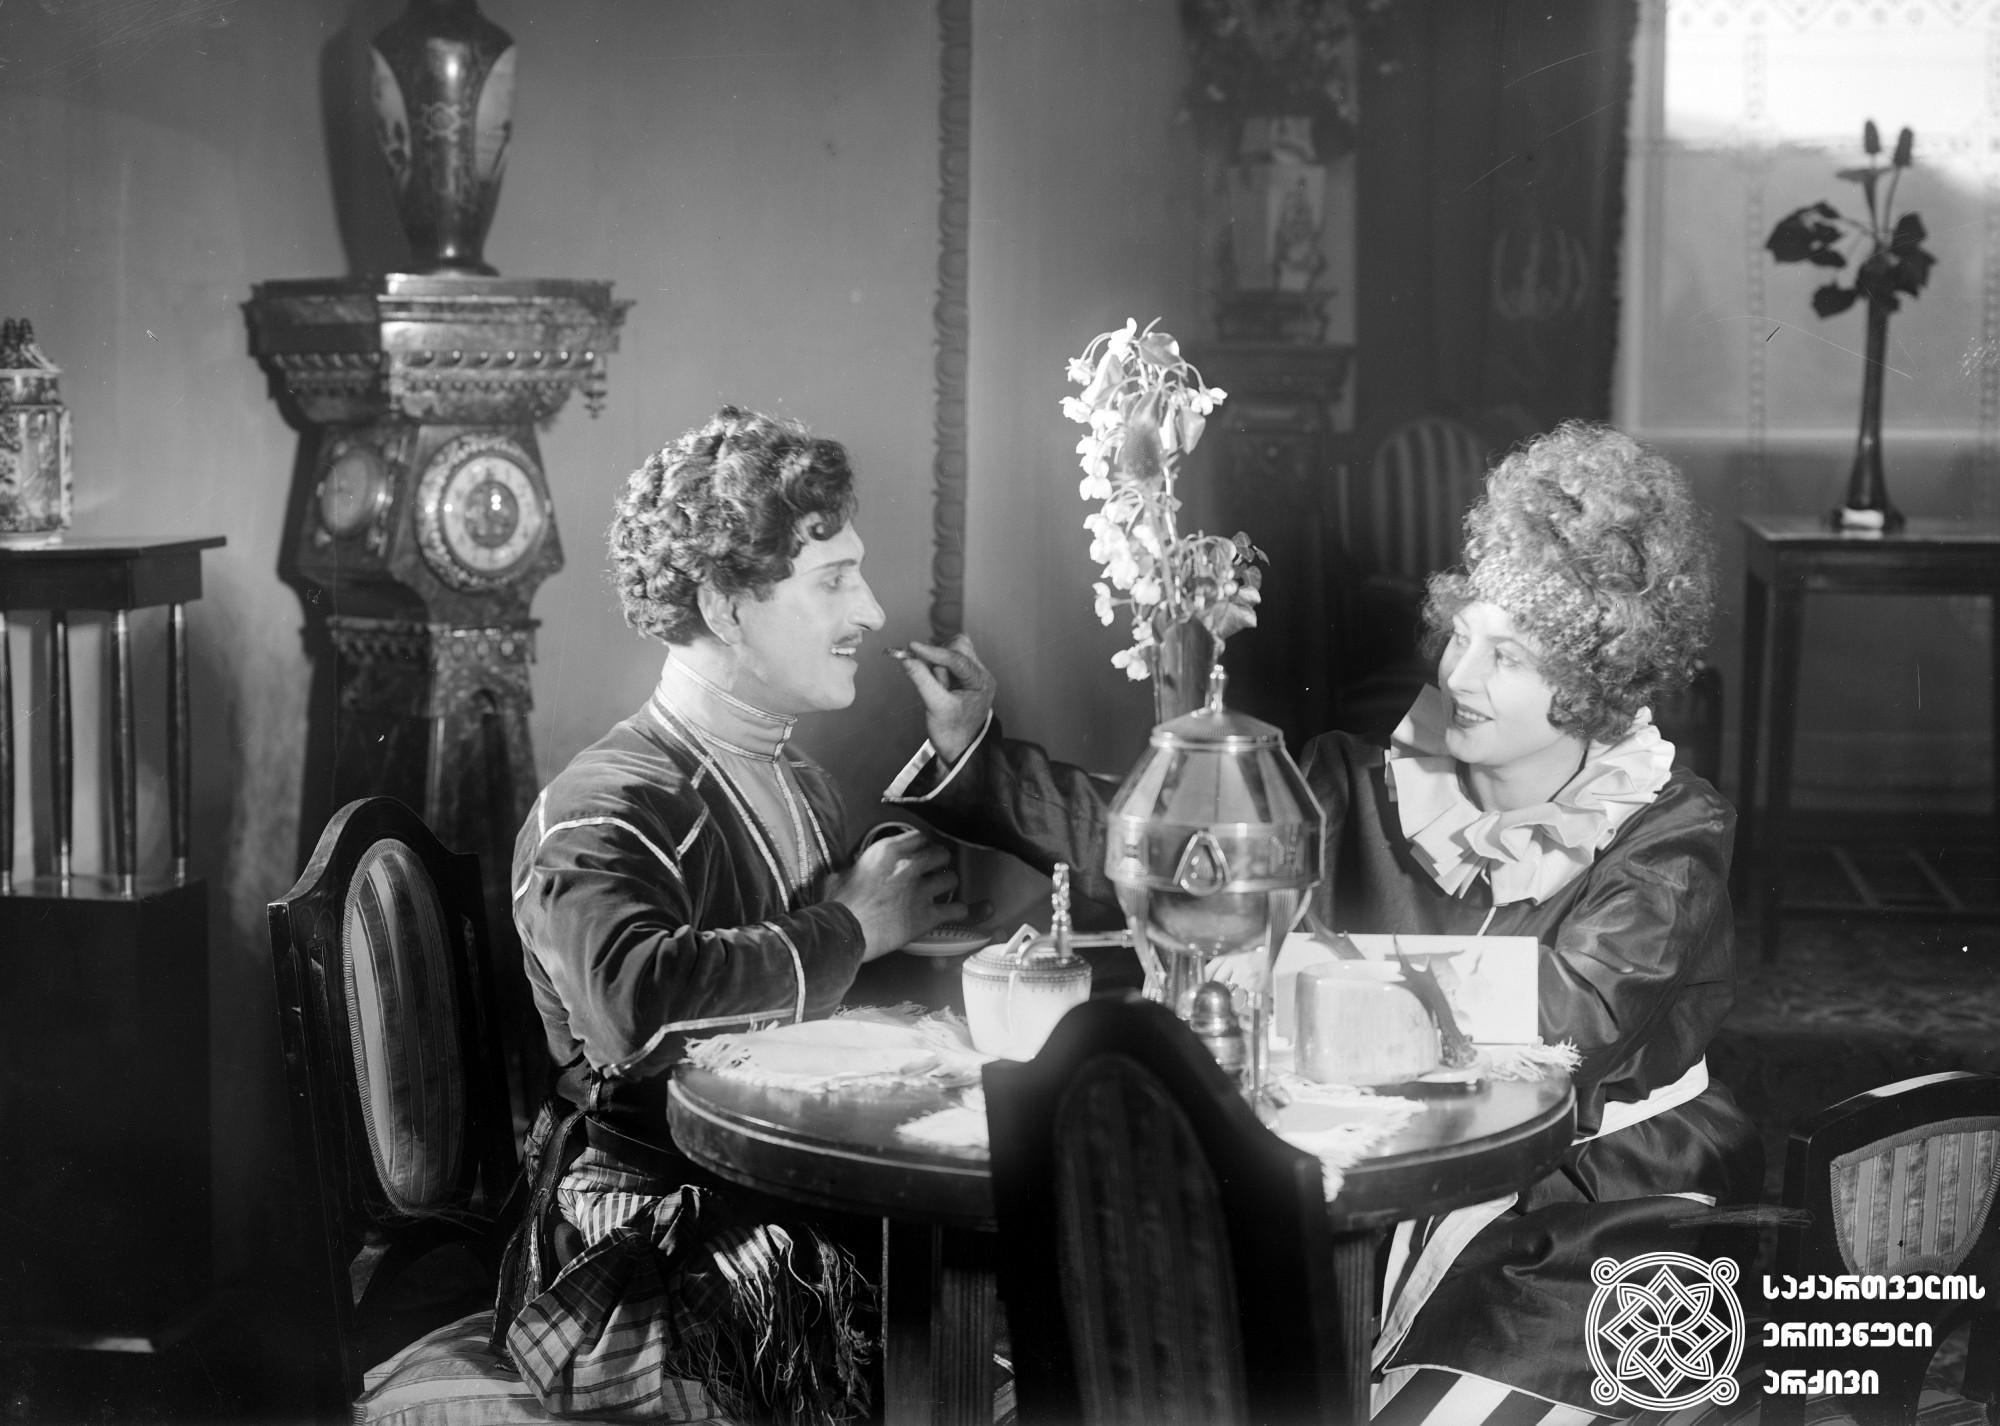 """""""ვინ არის დამნაშავე?"""" 1925. <br> სცენარის ავტორი და რეჟისორი: ალექსანდრე წუწუნავა. <br> ოპერატორი: სერგეი ზაბოზლაევი. მხატვარი: დიმიტრი შევარდნაძე.  გადაღებულია ნინო ნაკაშიძის ამავე სახელწოდების პიესის მიხედვით. <br>  ფოტოზე: კოტე მიქაბერიძე (სიკო)  და სოფია ჟოზეფი (ჟანეტა ცირკის მსახიობი ქალი). <br>  Vin Aris Damnashave? (Who is the Guilty?) 1925.   Screenwriter and director: Aleksandre Tsutsunava. <br> Camera operator: Sergei Zabozlaevi. Production designer: Dimitri Shevardnadze. <br>  Film is shot according to Nino Nakashidze's play of the same title. <br>  On the photo: director, actor Kote Mikaberidze (Siko) and Sofia Josephey (Janette, circus actress). <br>"""